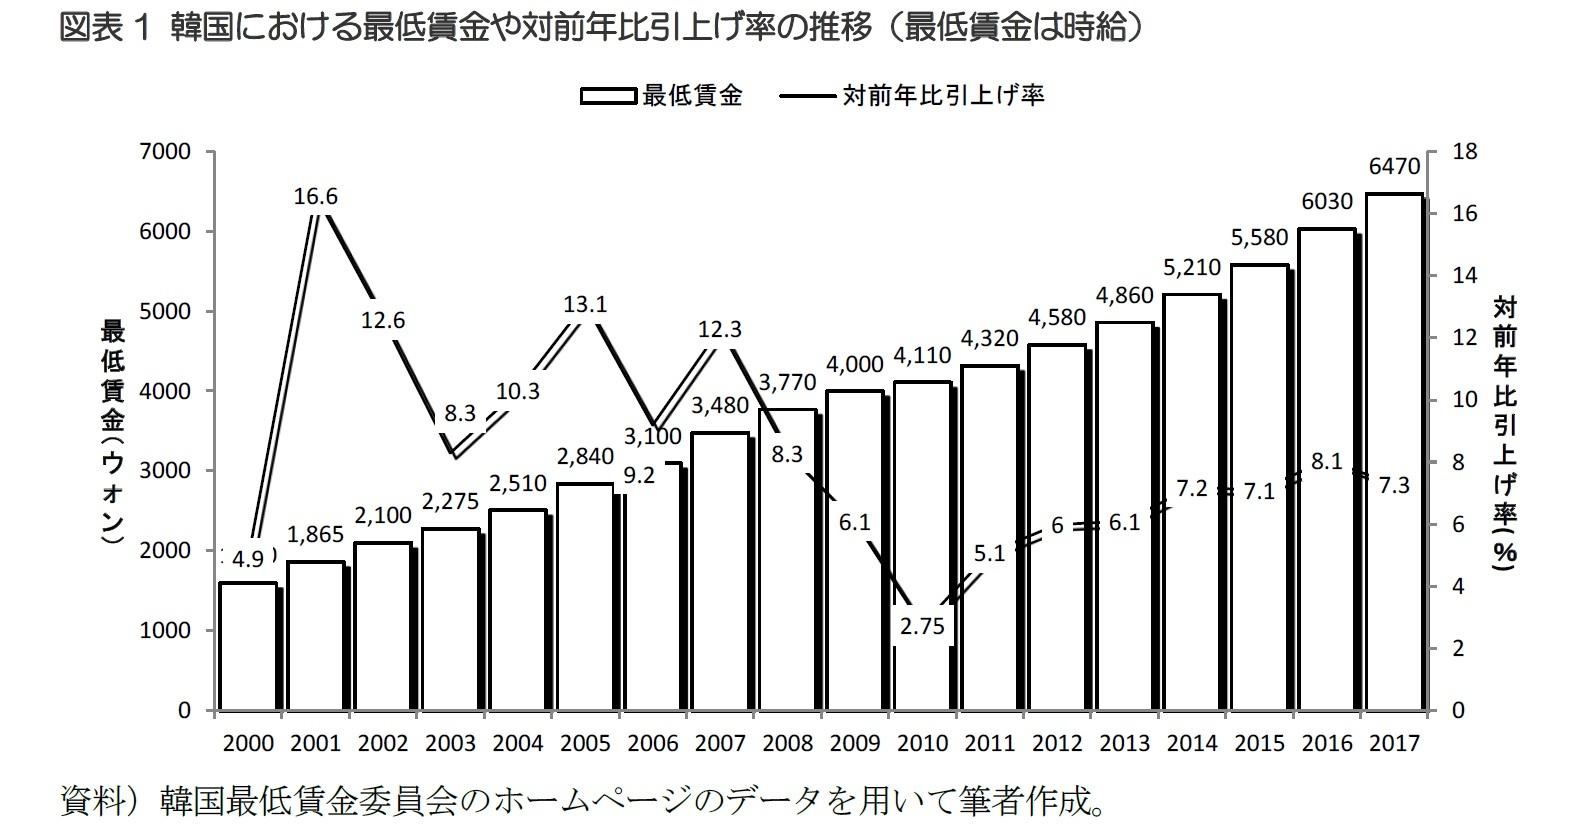 図表1 韓国における最低賃金や対前年比引上げ率の推移